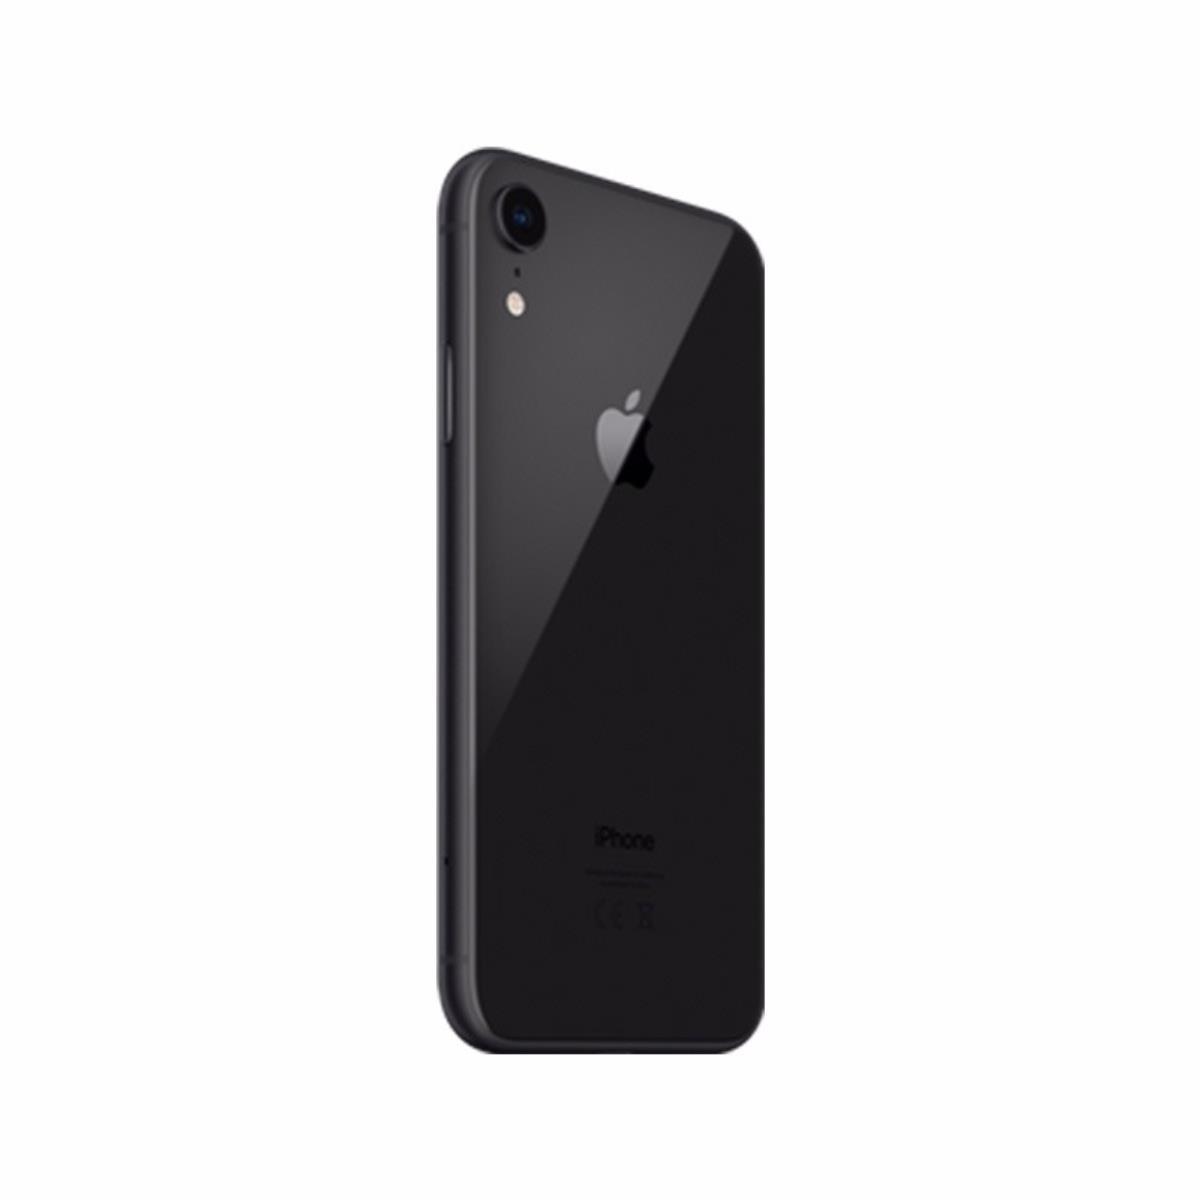 SAMSUNG GALAXY A6 2018 32GB/3GB DUAL SIM ORO